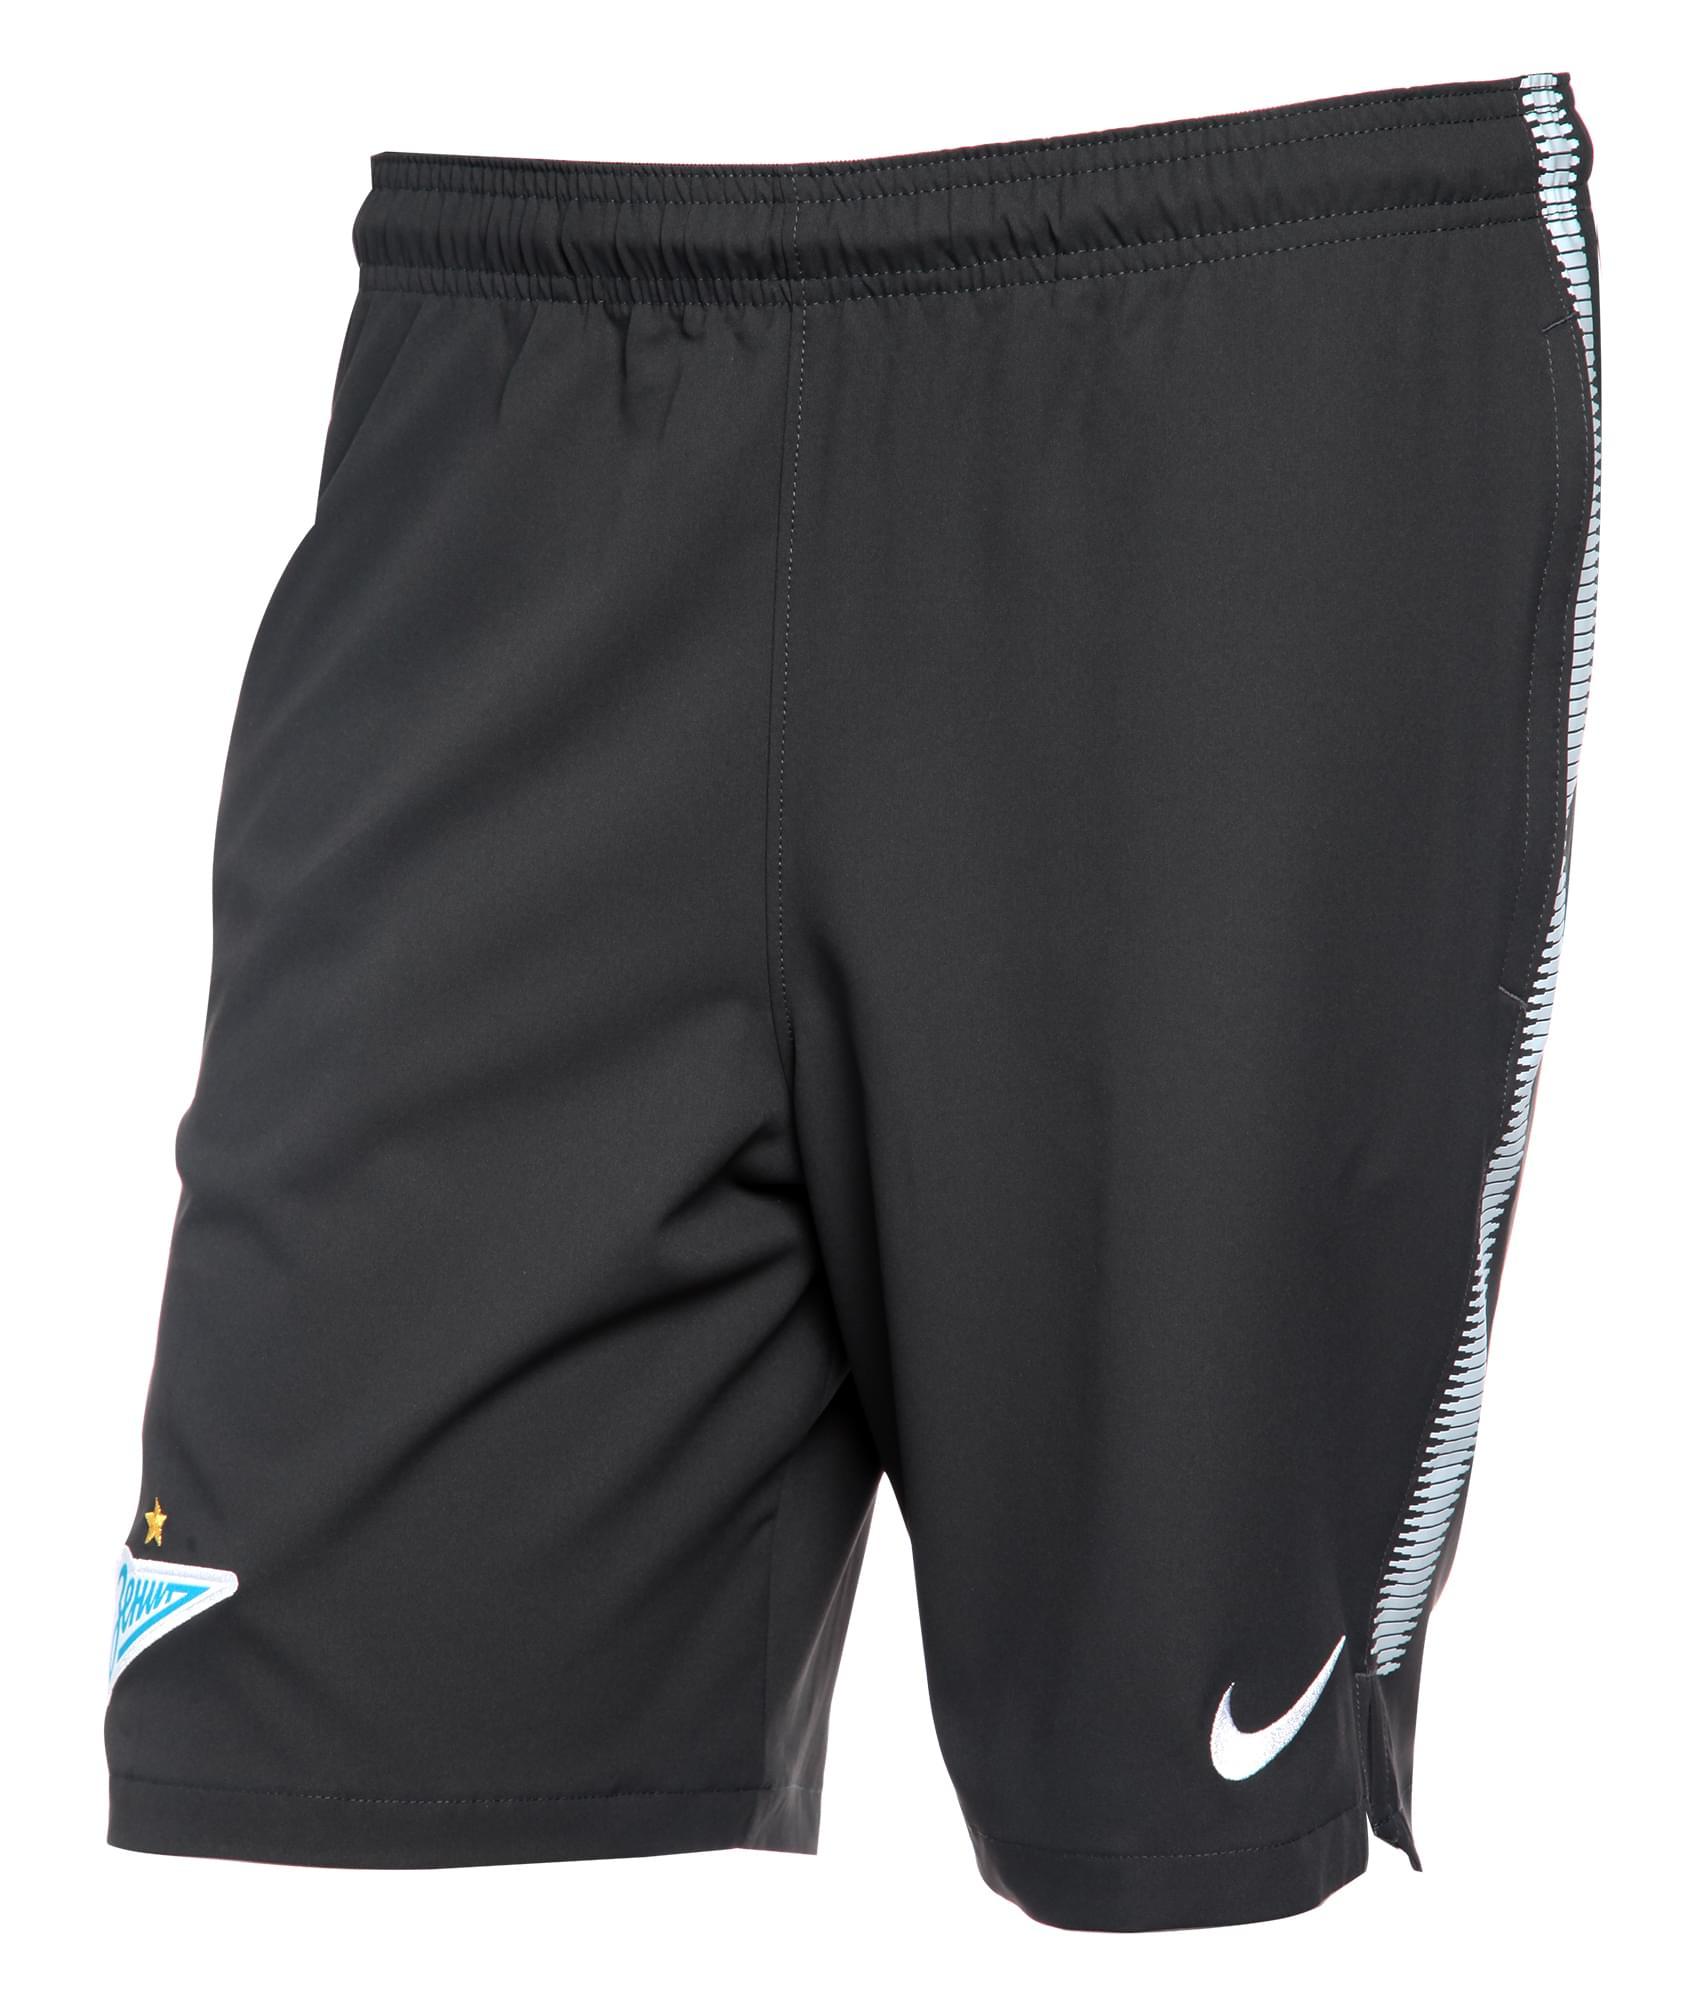 Шорты парадные Nike, Размер-M купить брюки п ш парадные ов новый образец от юдашкина